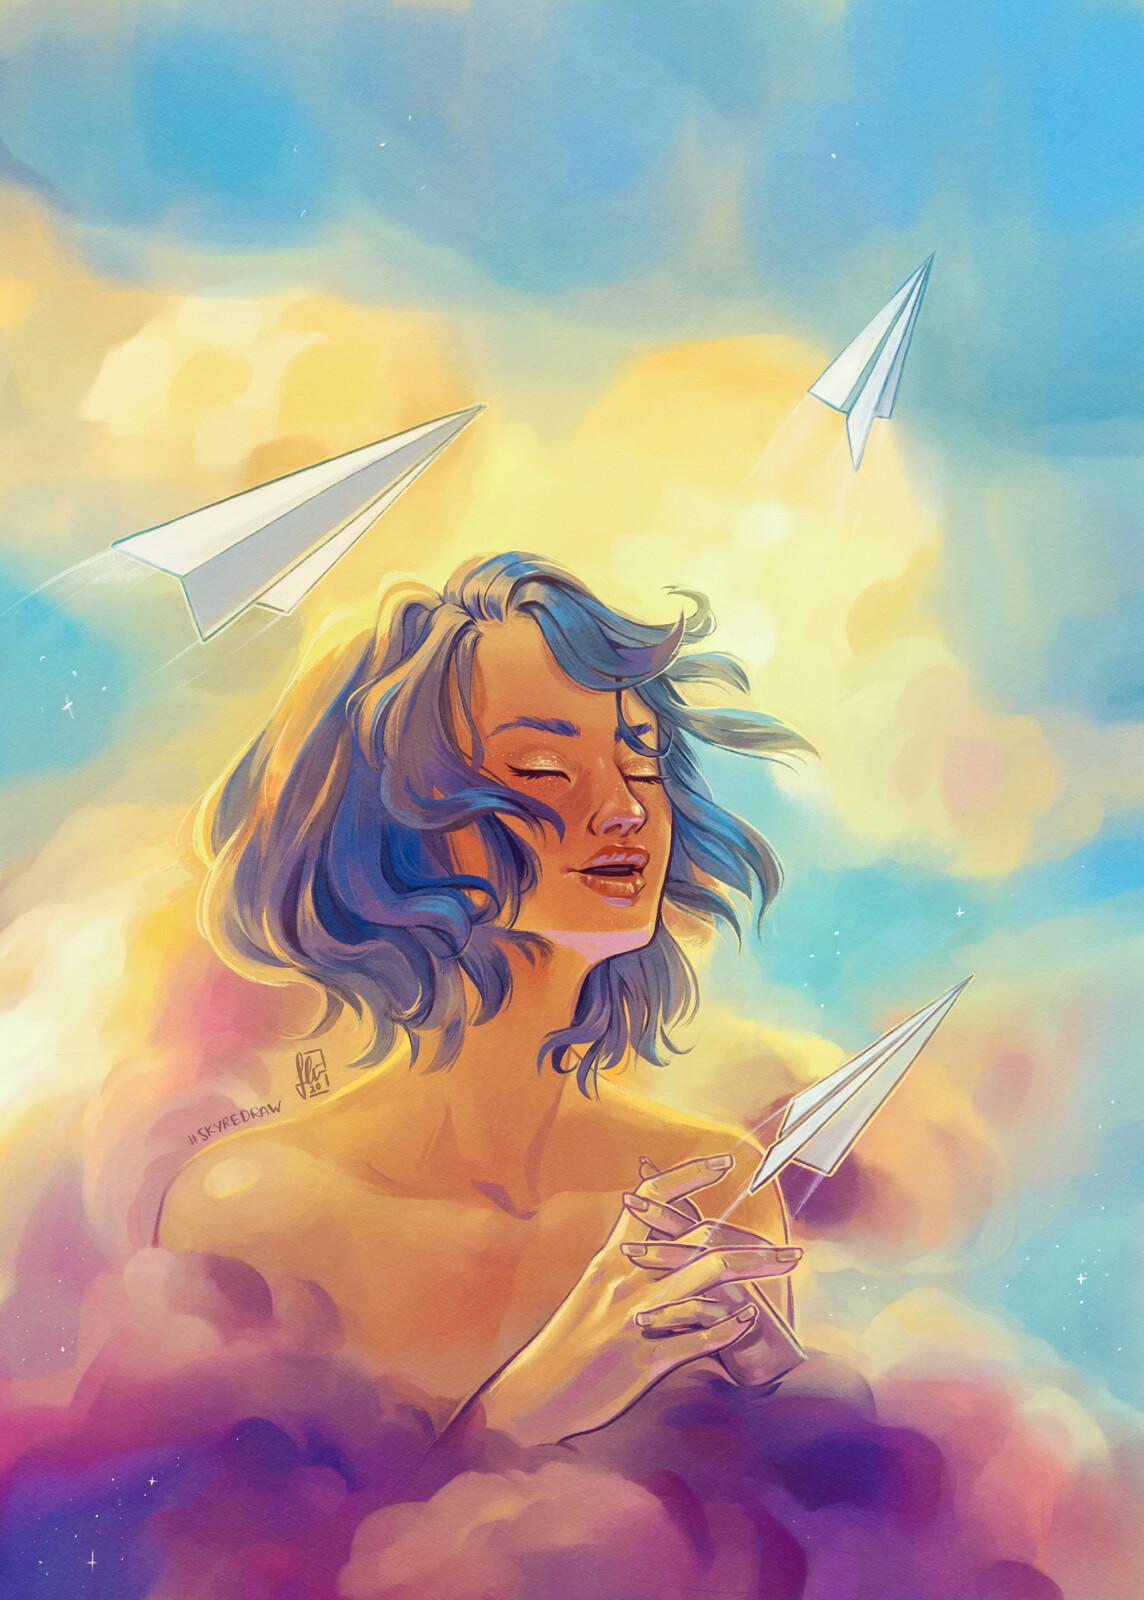 Sky redraw